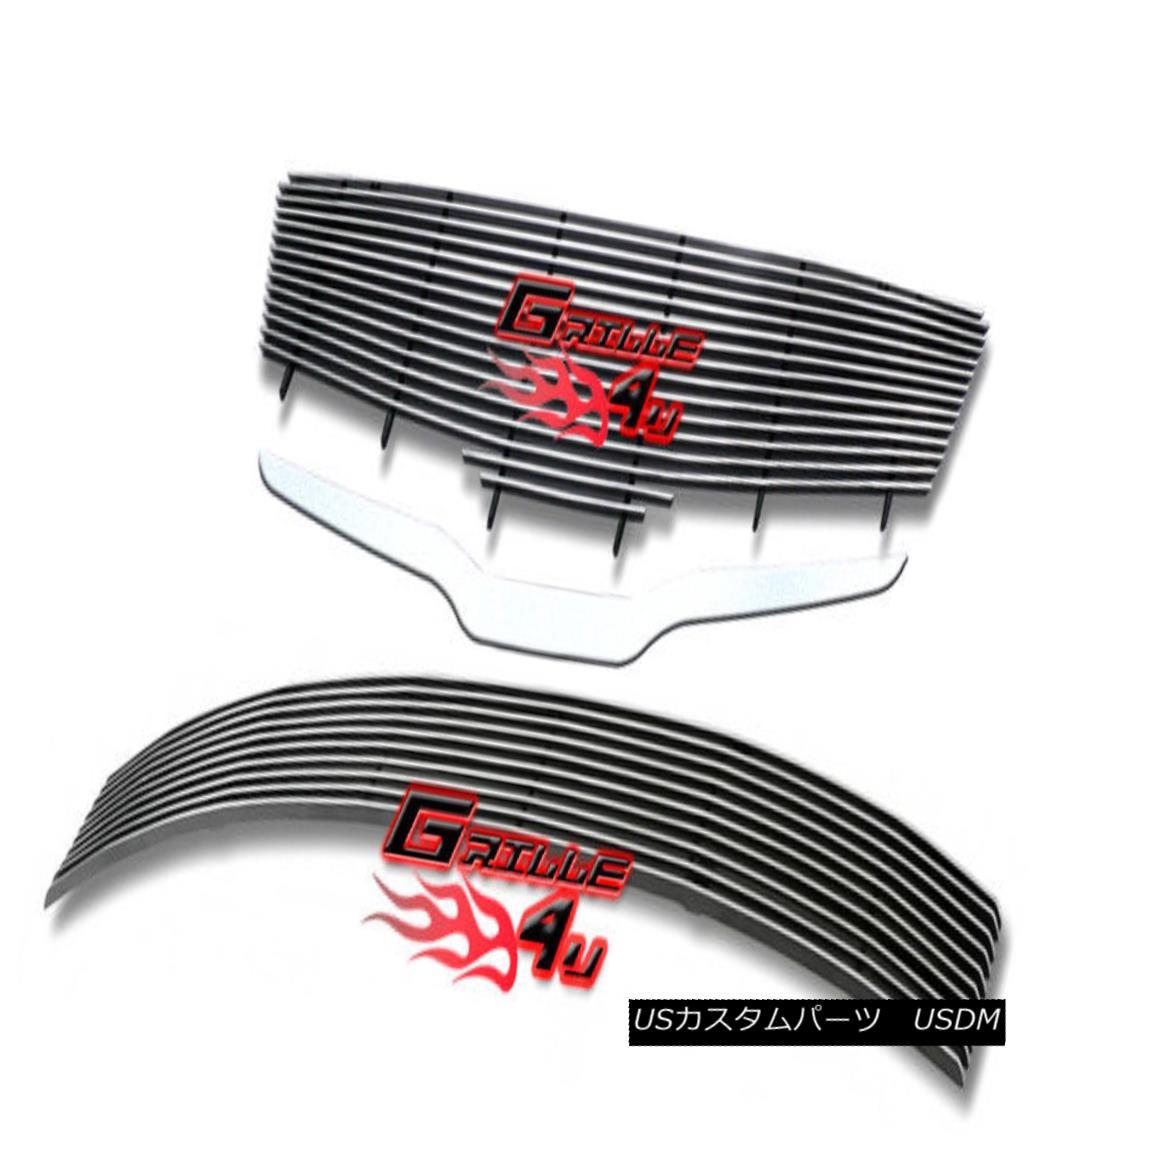 グリル For 2007-2009 Nissan Altima 4D 4Dr Billet Premium Grille Grill Combo Insert 日産アルティマ4D 4Drビレットプレミアムグリルグリルコンボインサート